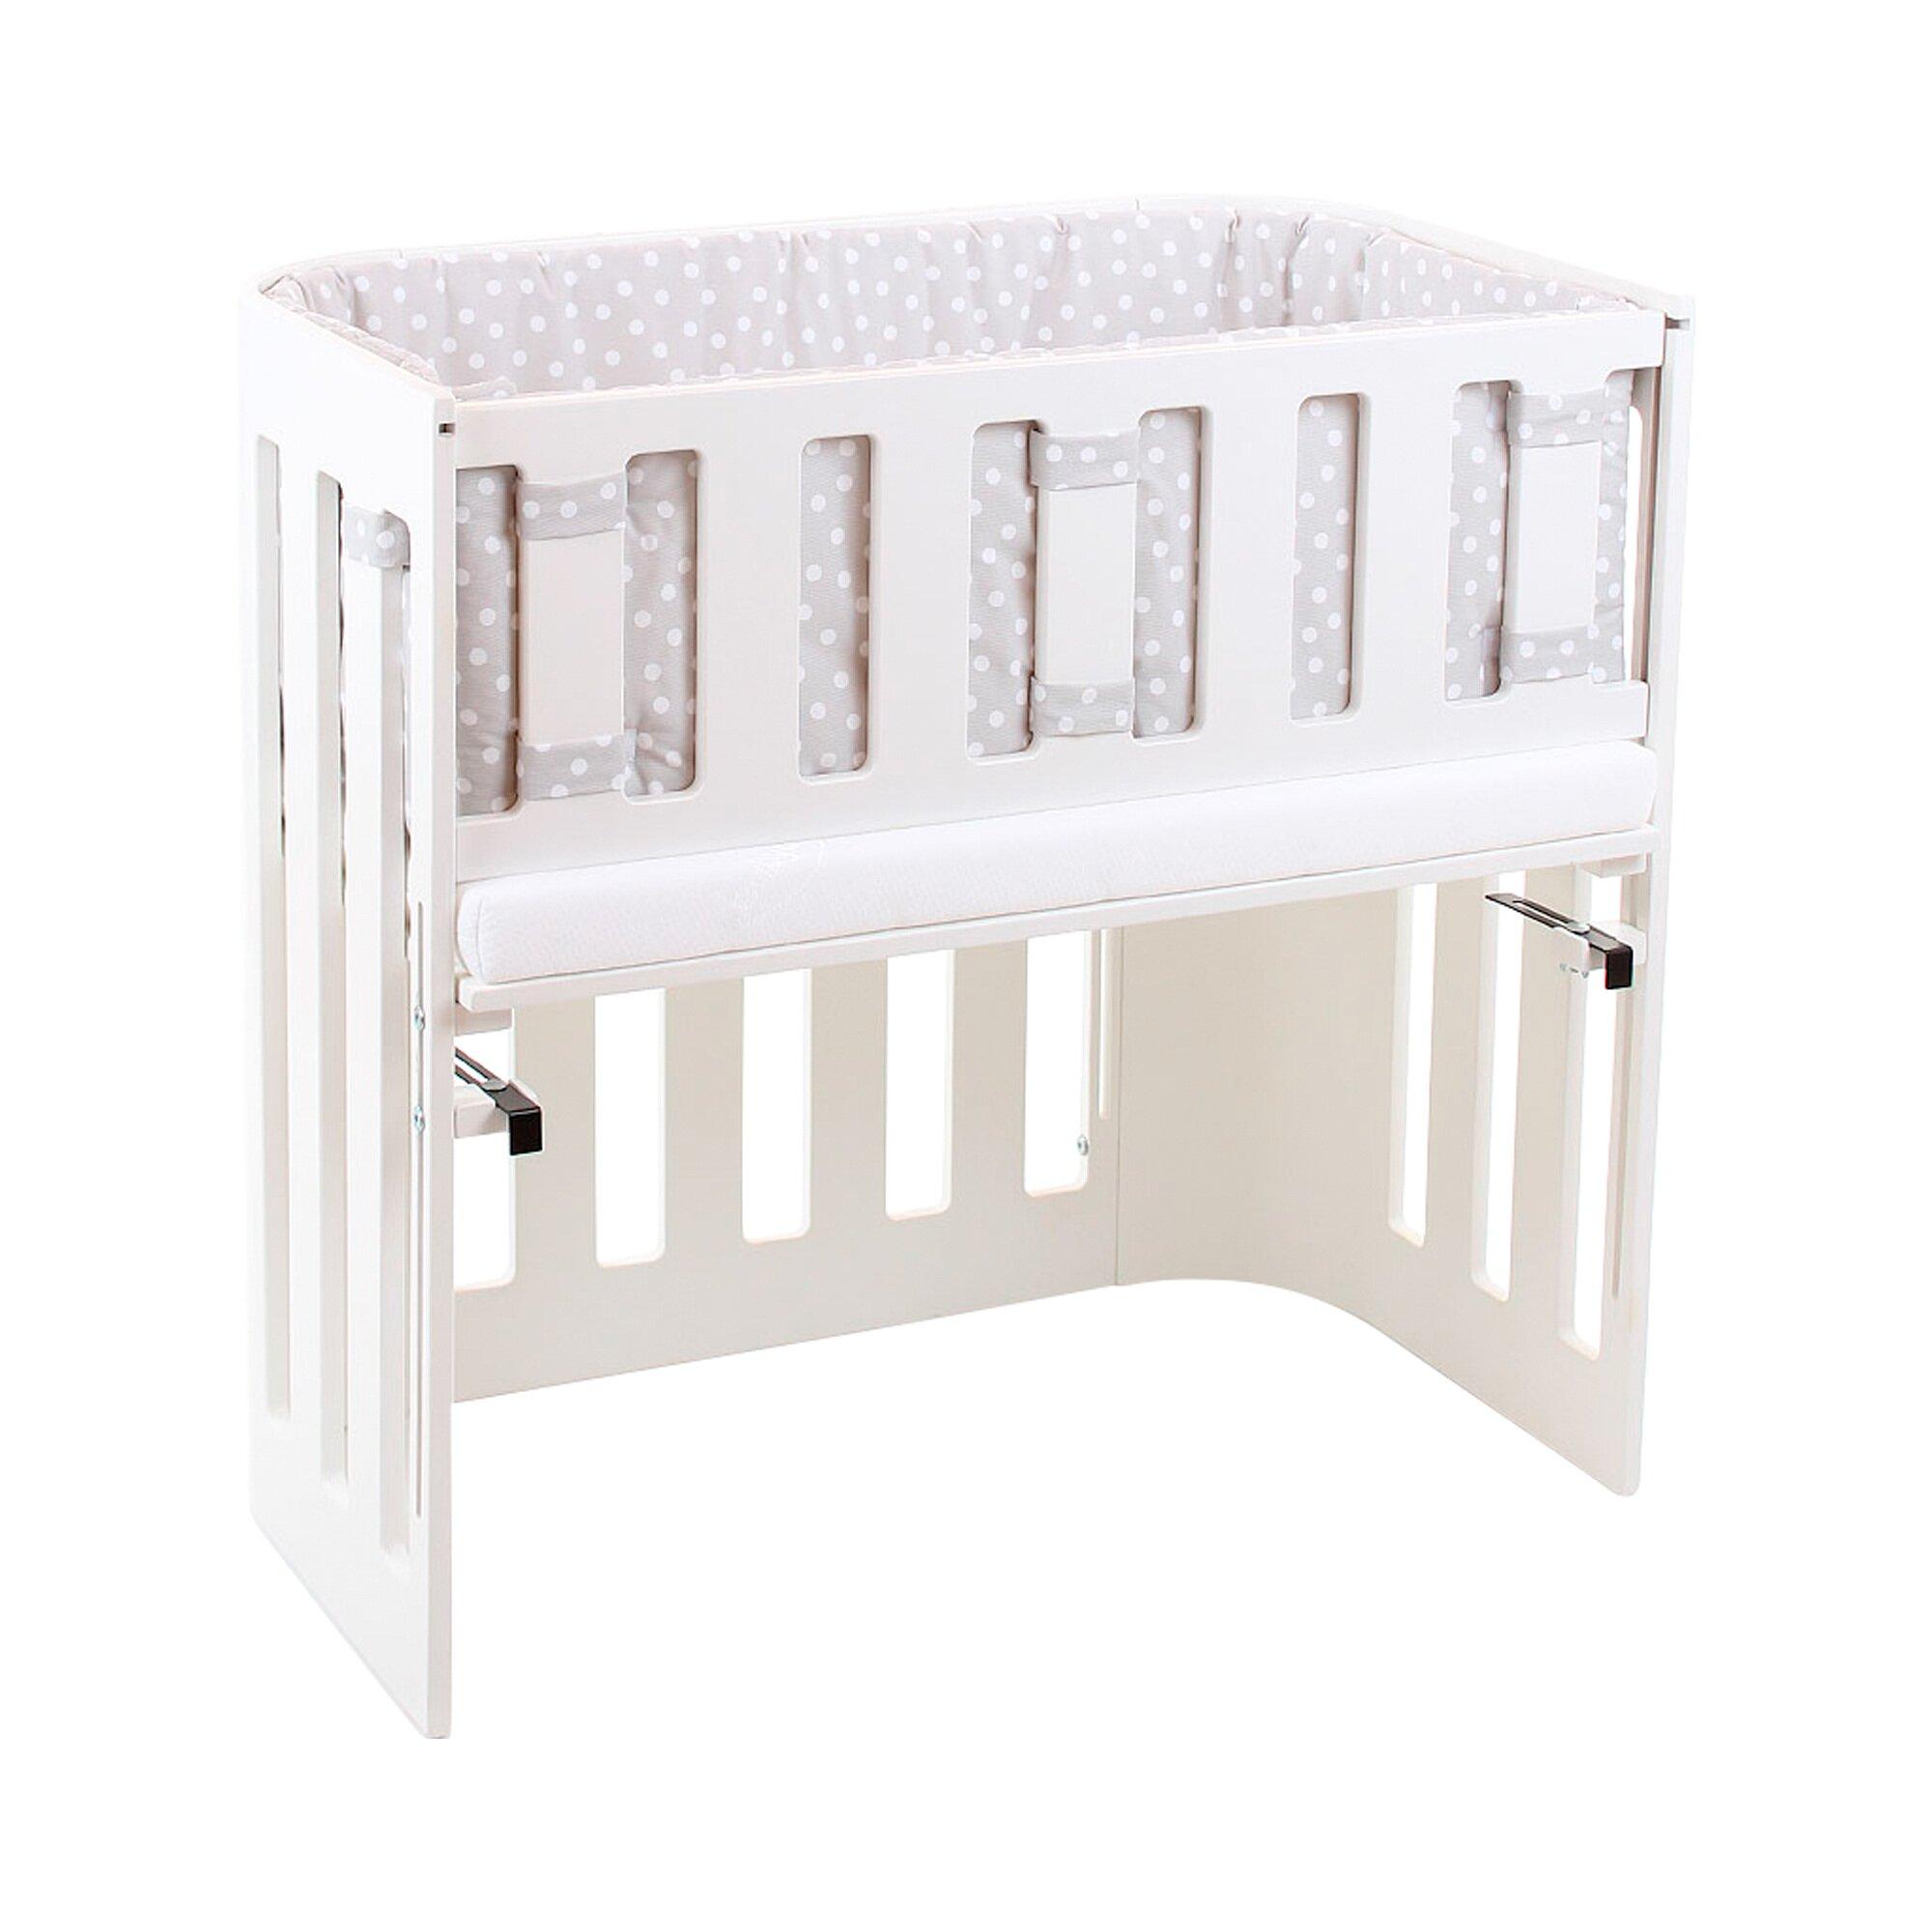 babybay-beistellbett-trend-40x80-cm